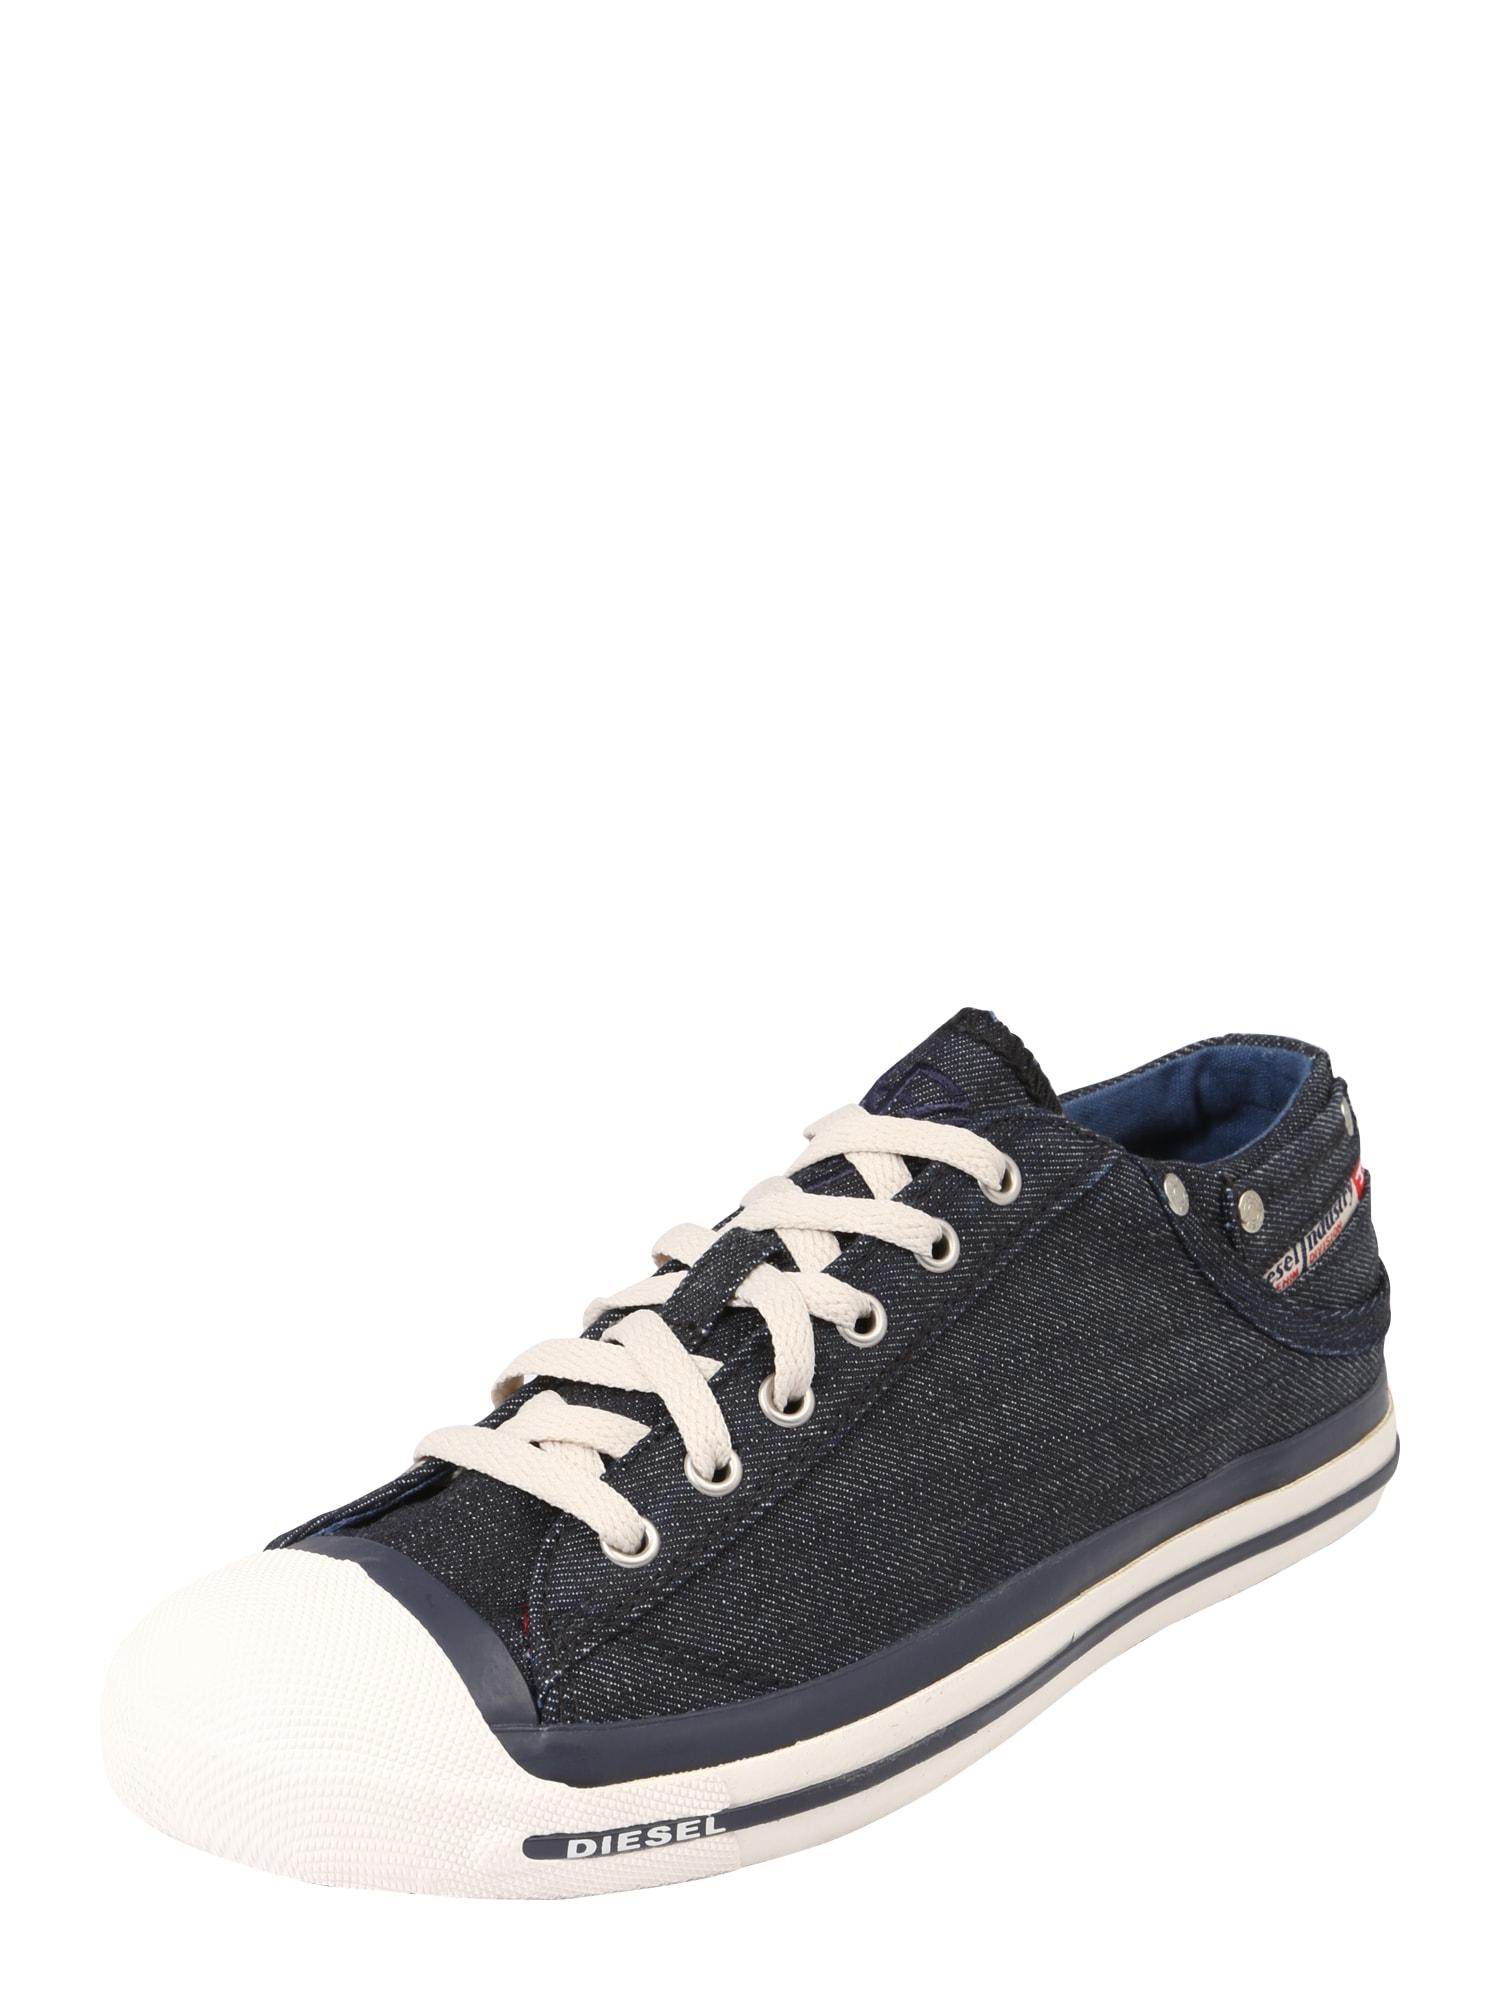 DIESEL Heren Sneakers laag EXPOSURE navy donkerblauw